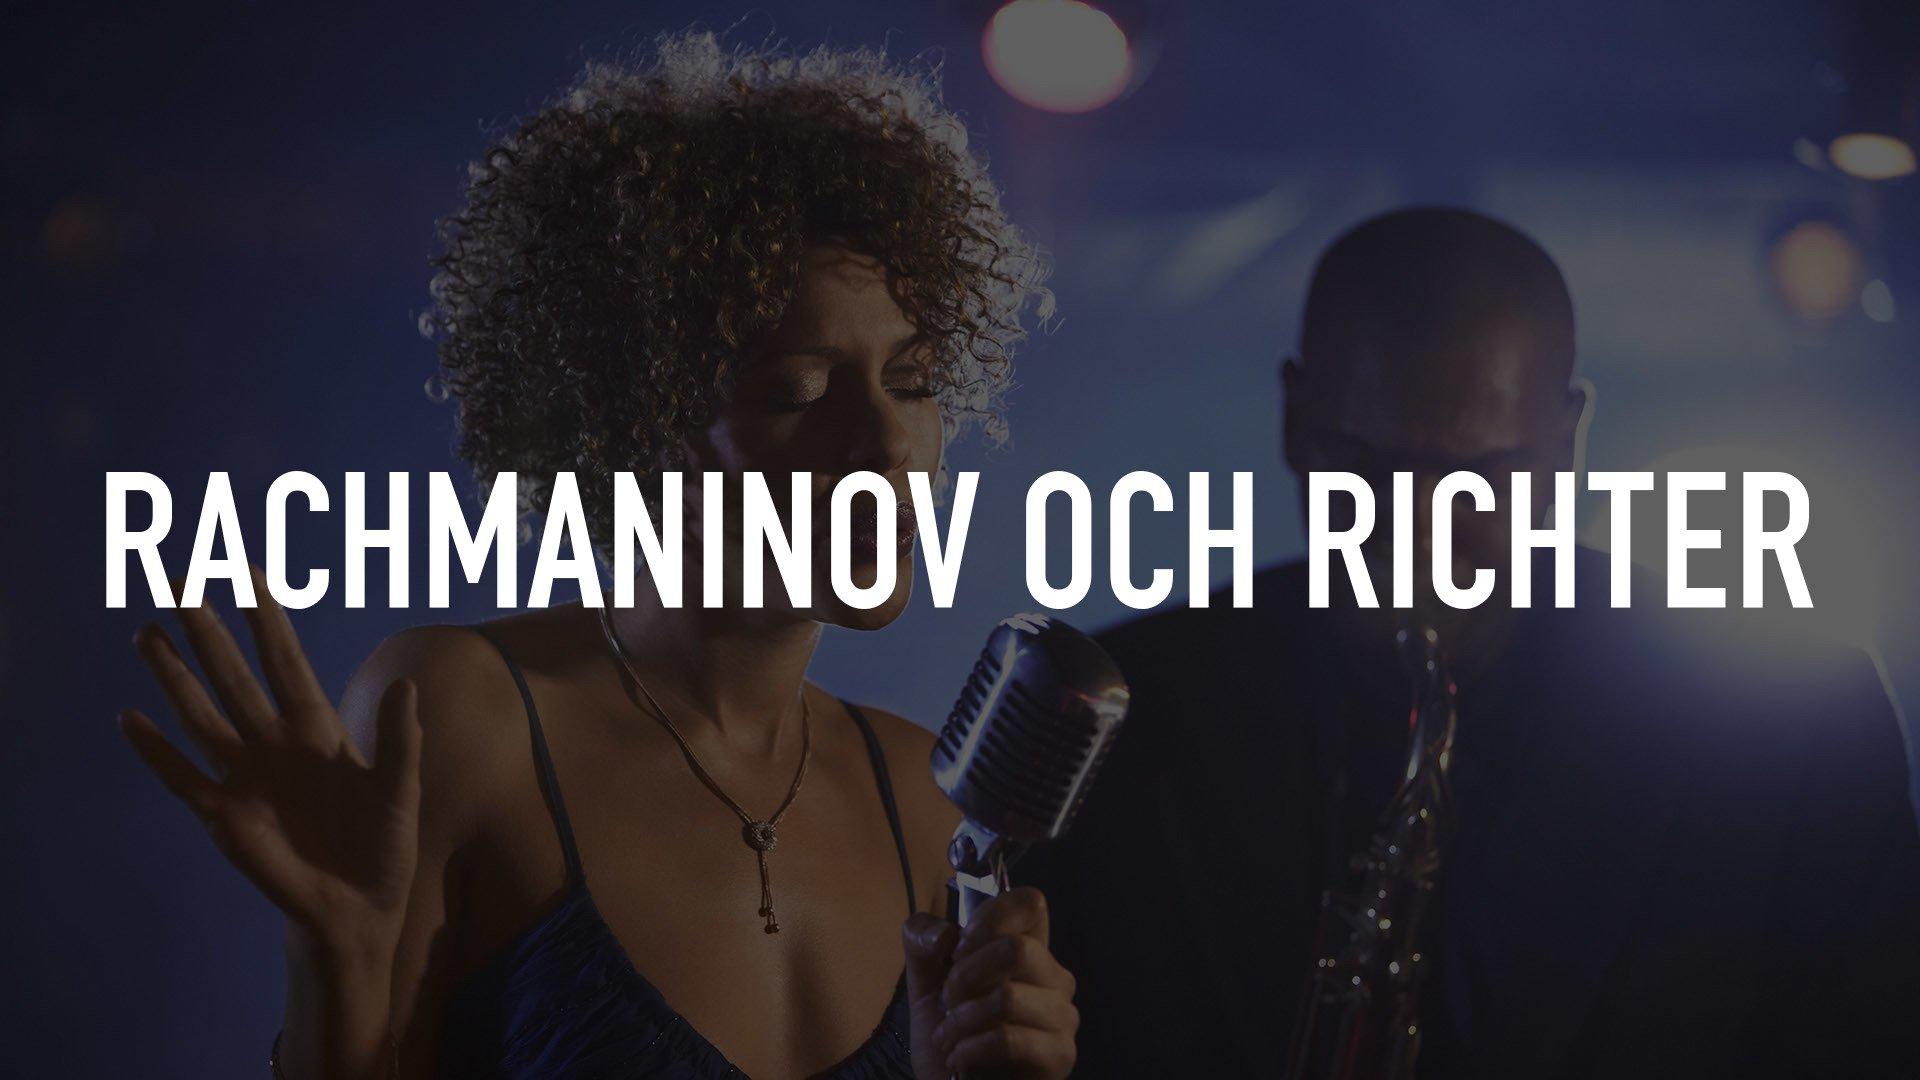 Rachmaninov och Richter